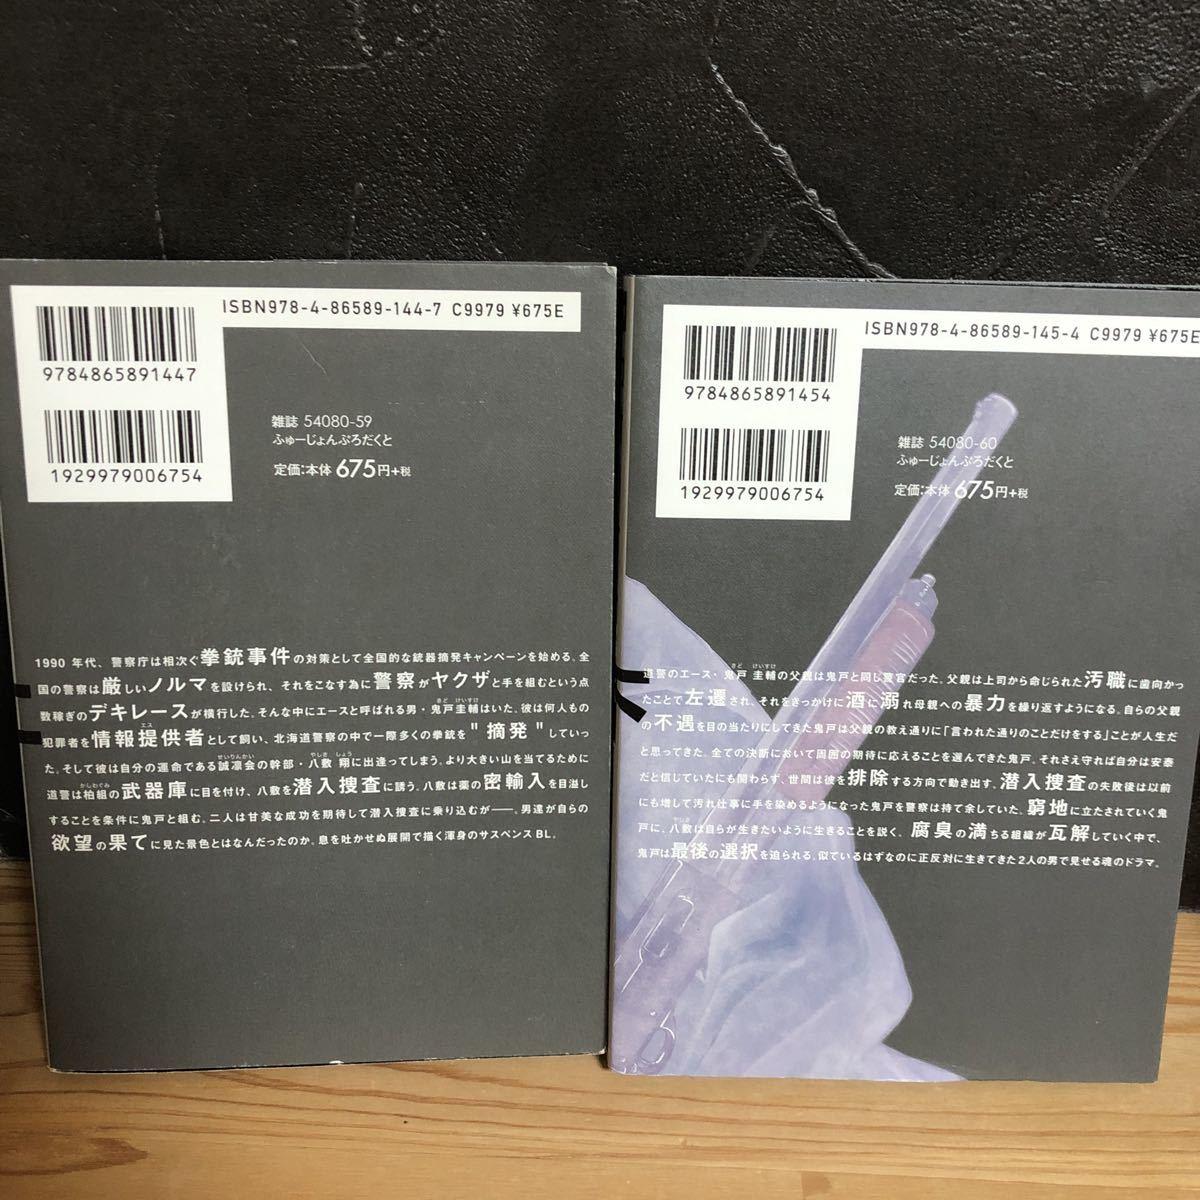 (4冊カウント) コオリオニ 上下巻 梶本レイカ BLコミック ボーイズラブ 即決 同梱可能